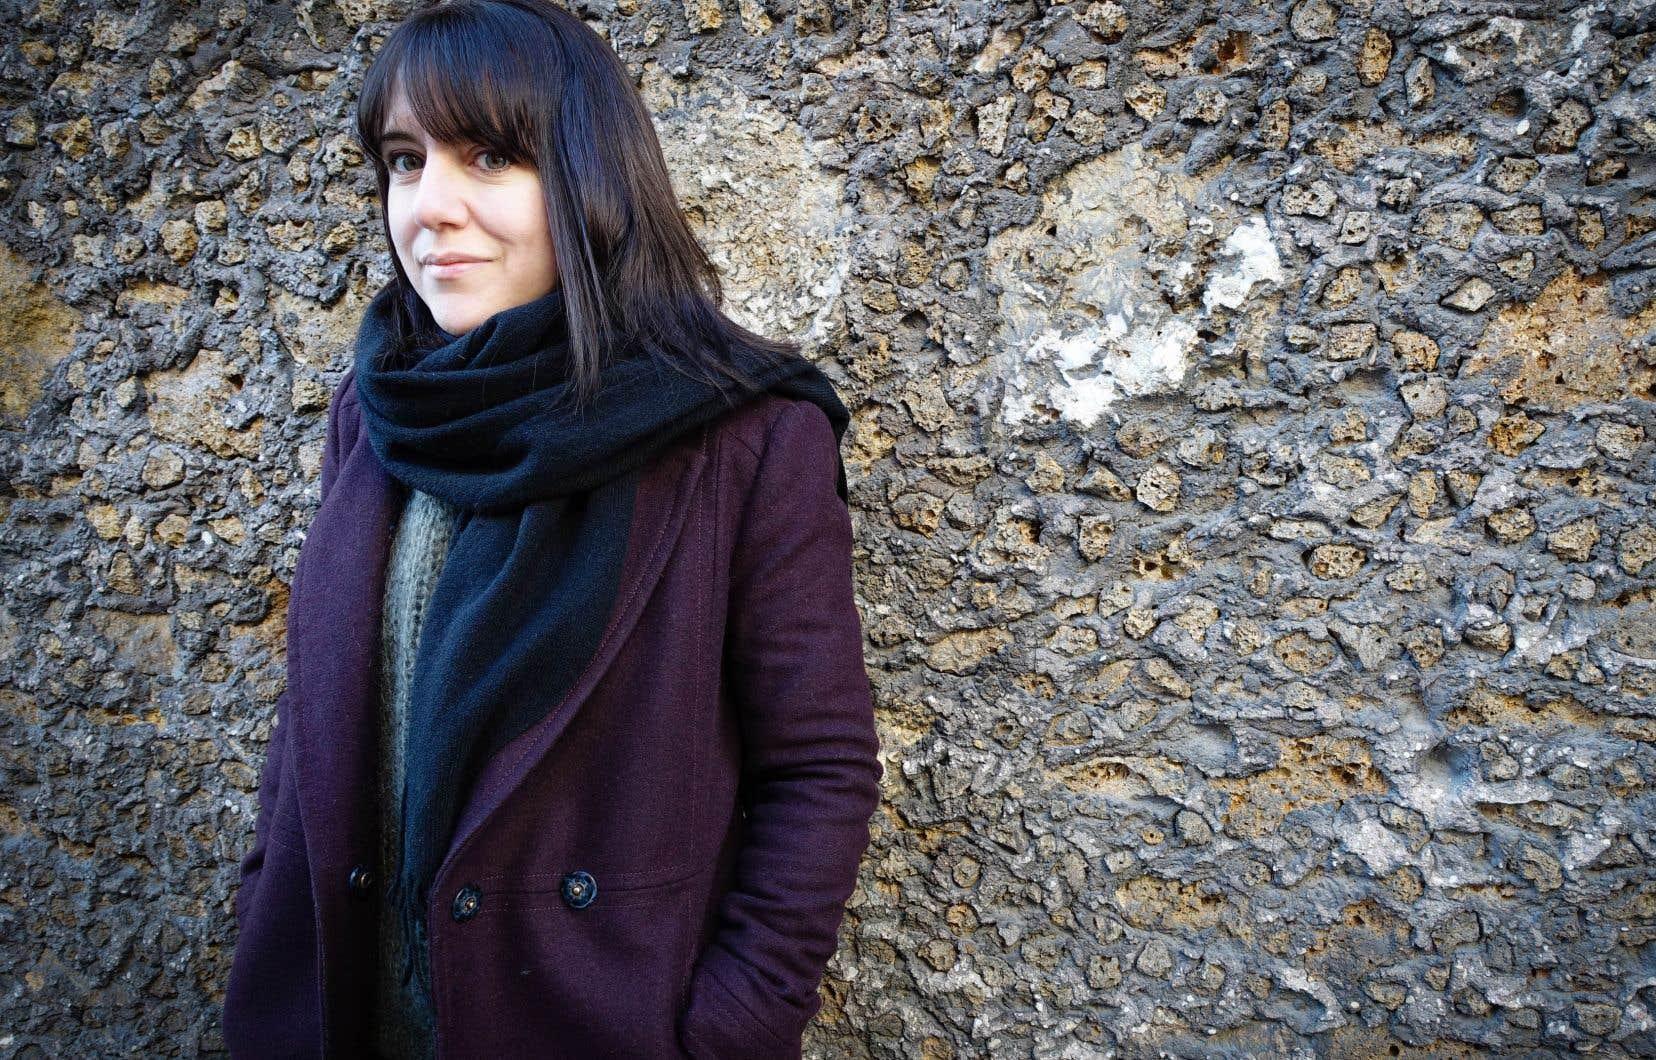 Ce roman d'Hélène Frédérick raconte sans banalité une tragédie banale.